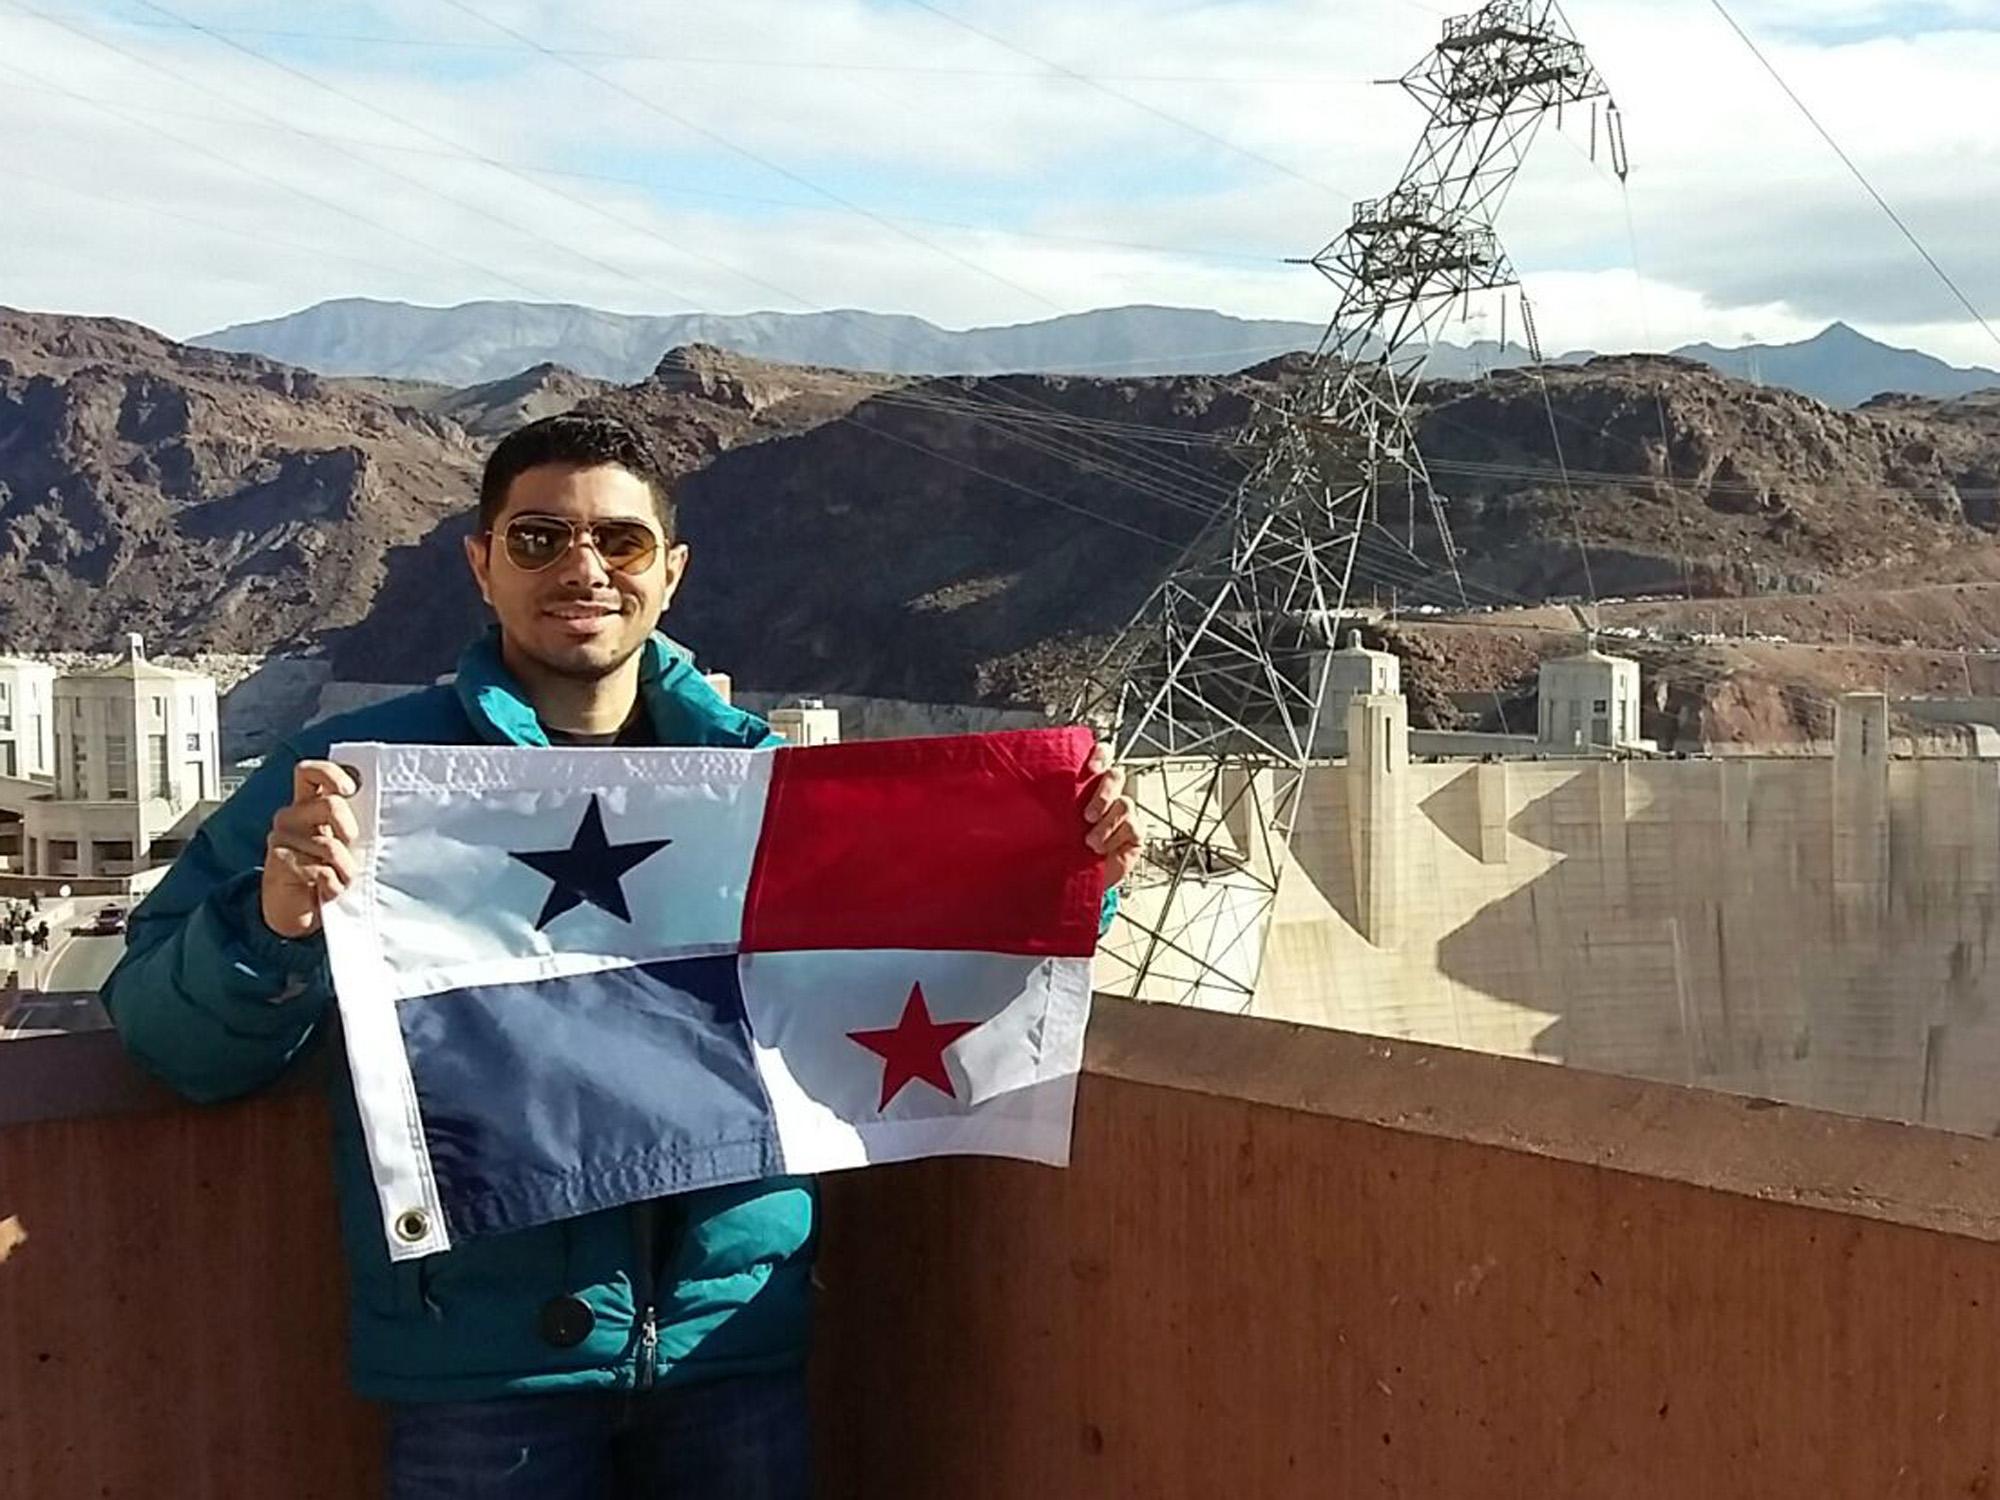 Davis Ureña standing in front of Hoover Dam